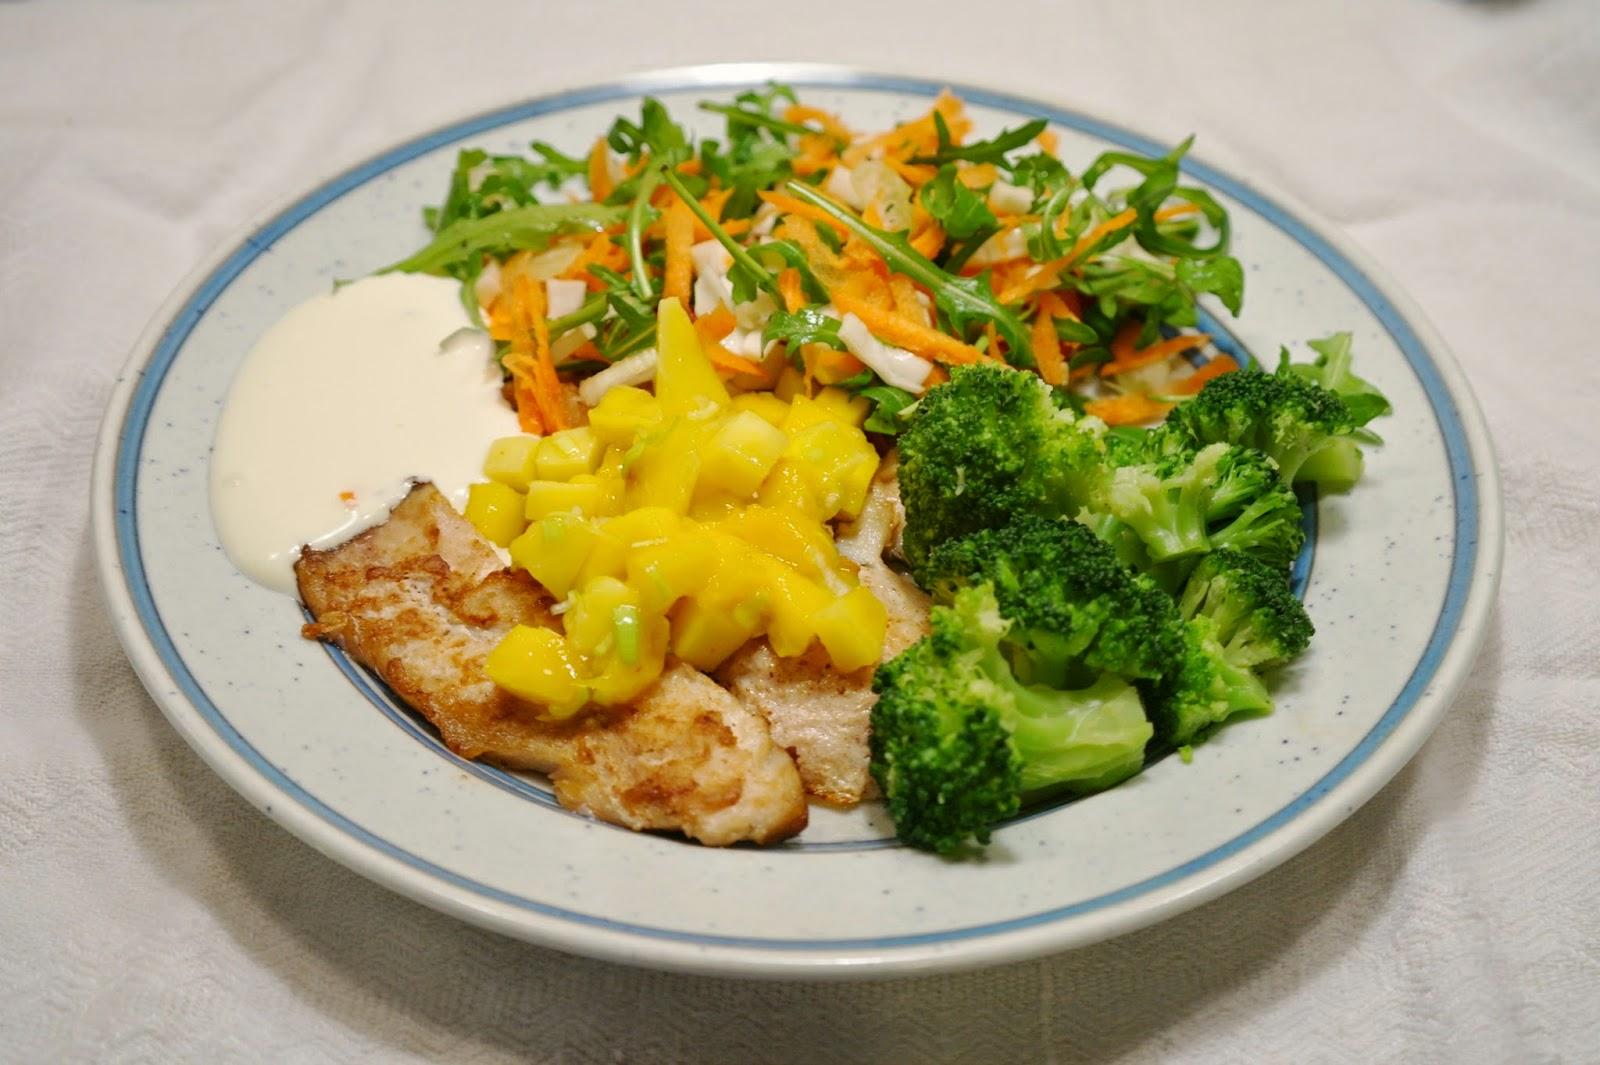 grillad fisk med friska tillbehör